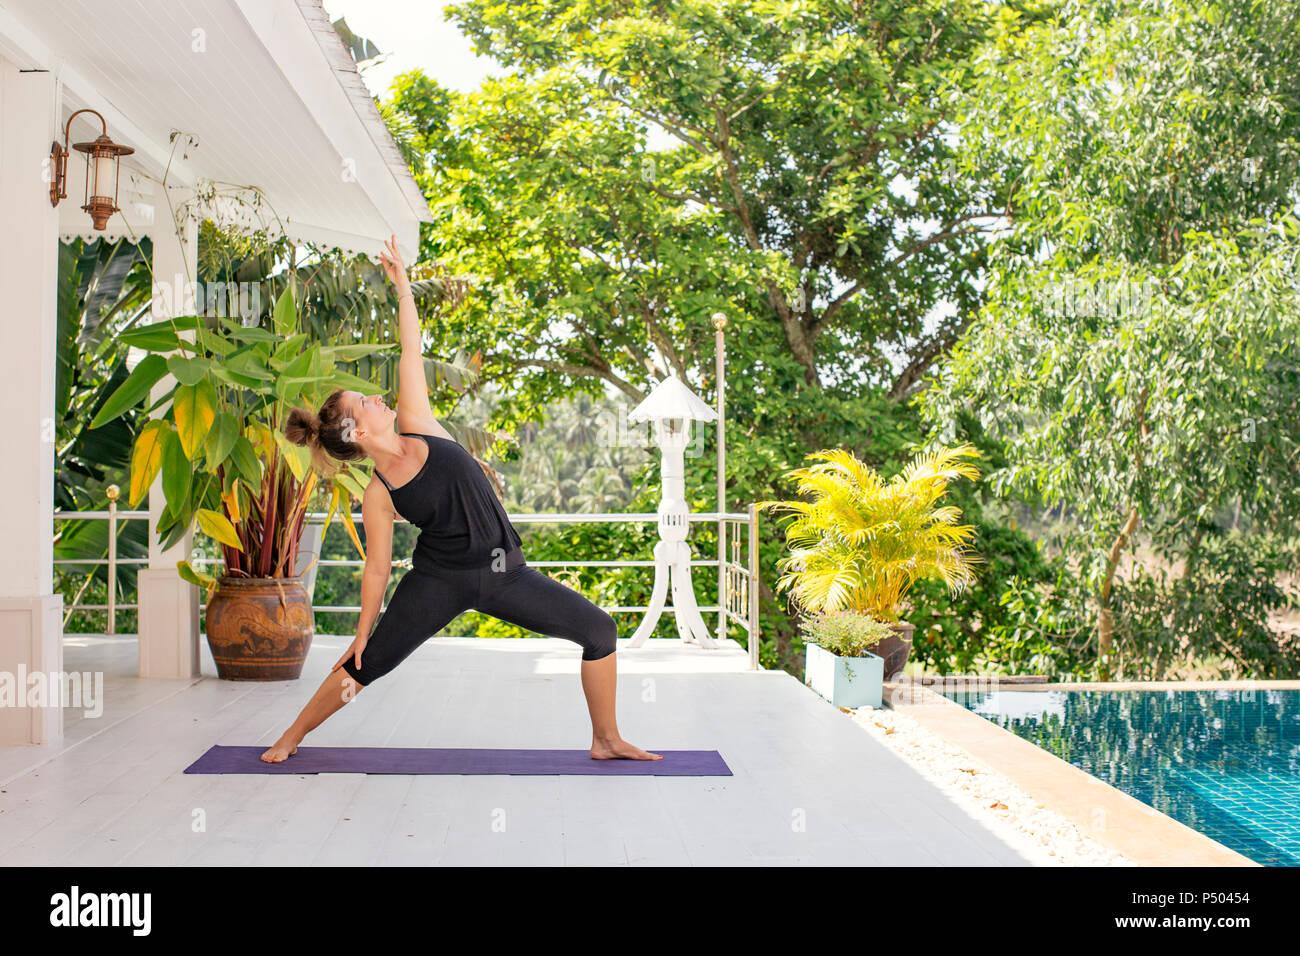 Mujer Practicando Yoga En La Terraza Junto A La Piscina Foto